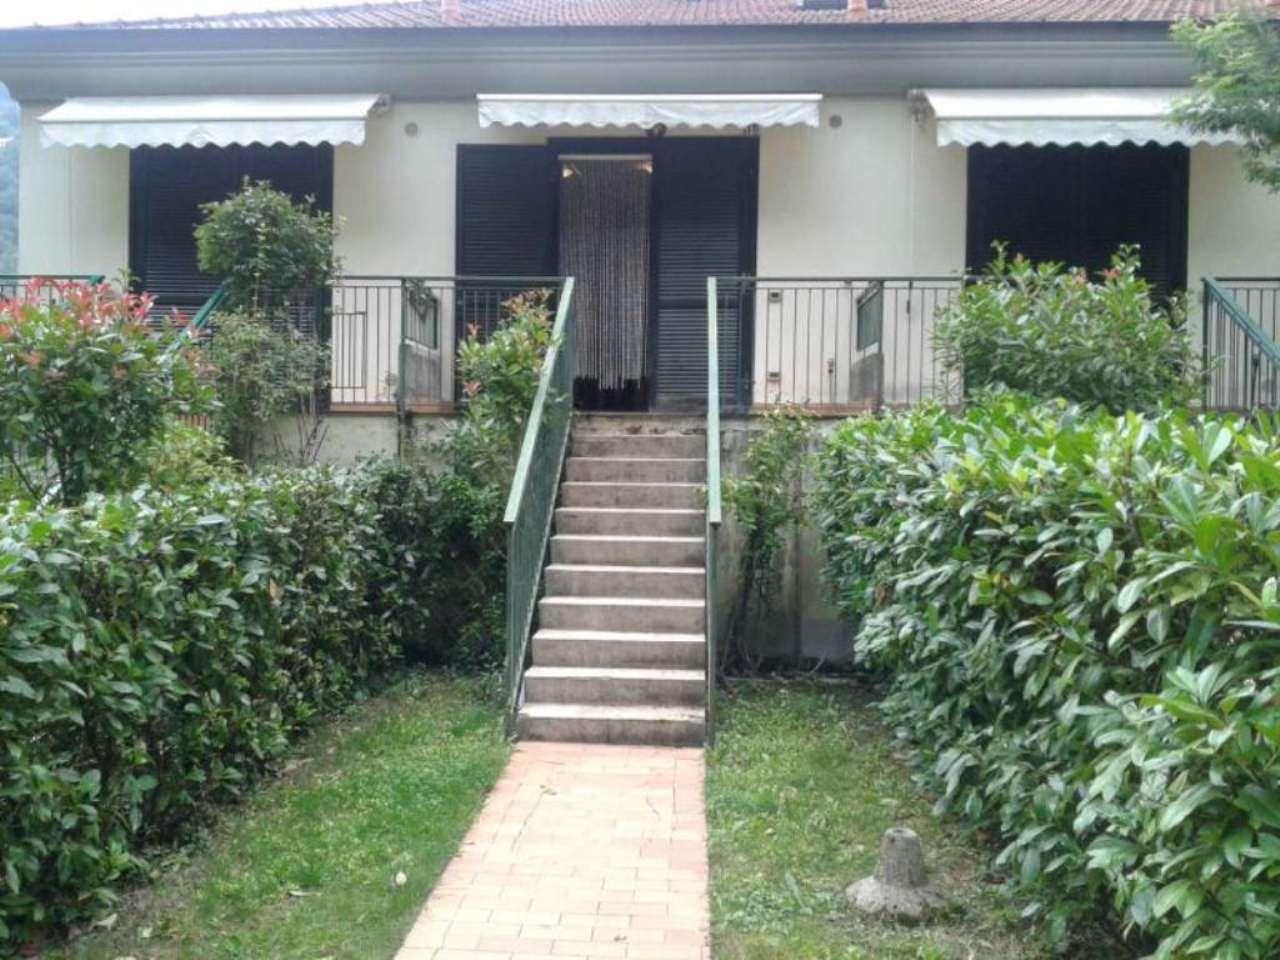 Appartamento in vendita a Borzonasca, 3 locali, prezzo € 60.000 | Cambio Casa.it